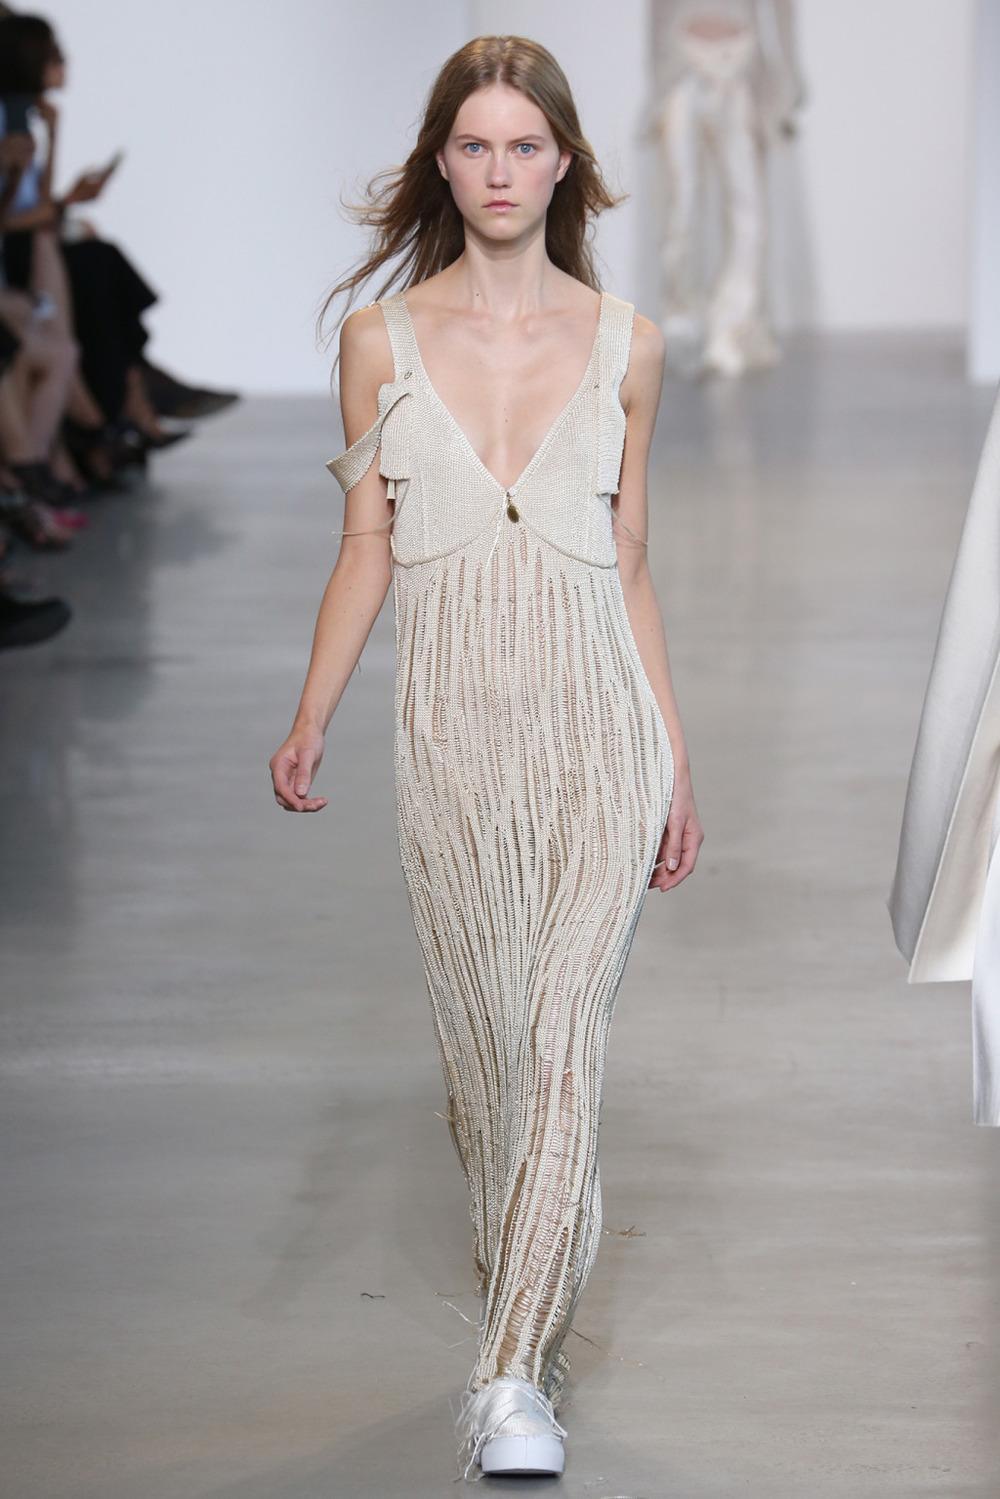 Machine Knit Dress // Calvin Klein Ready-To-Wear 2016 // Calvin Klein, NY, NY   Machine Knitting Production   Photo courtesy of  WWD